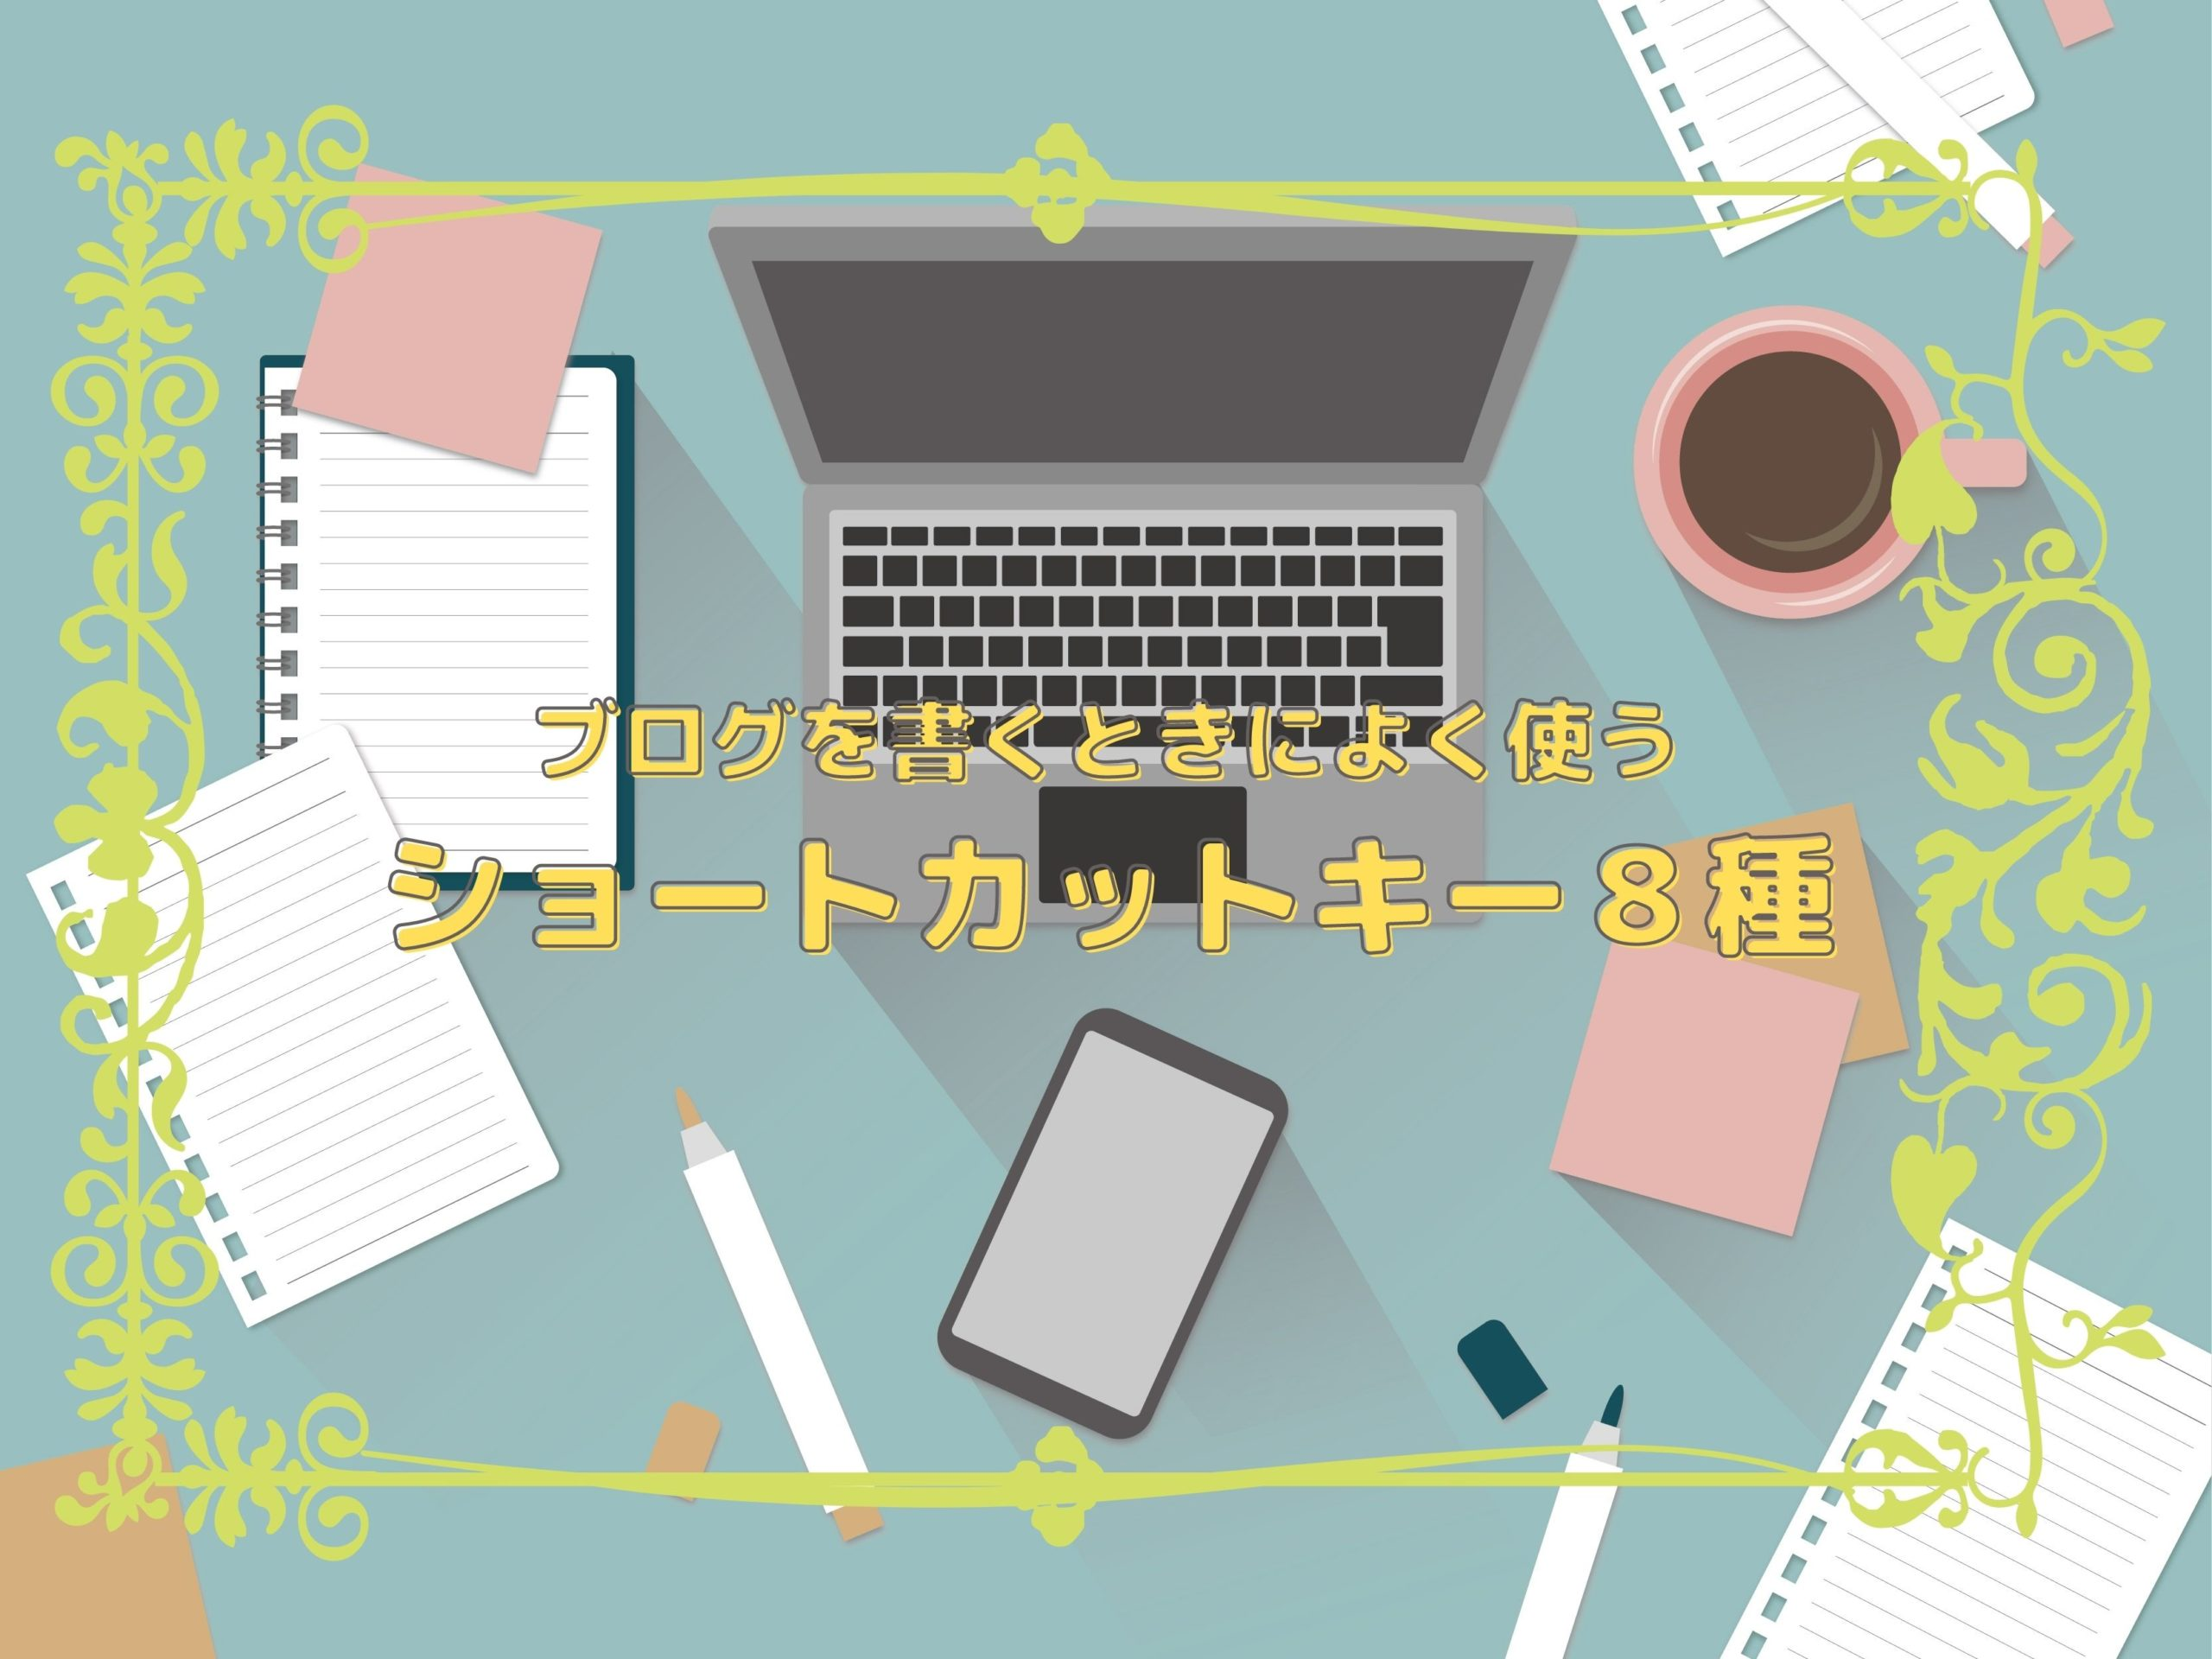 ブログを書くときによく使うショートカットキー8種